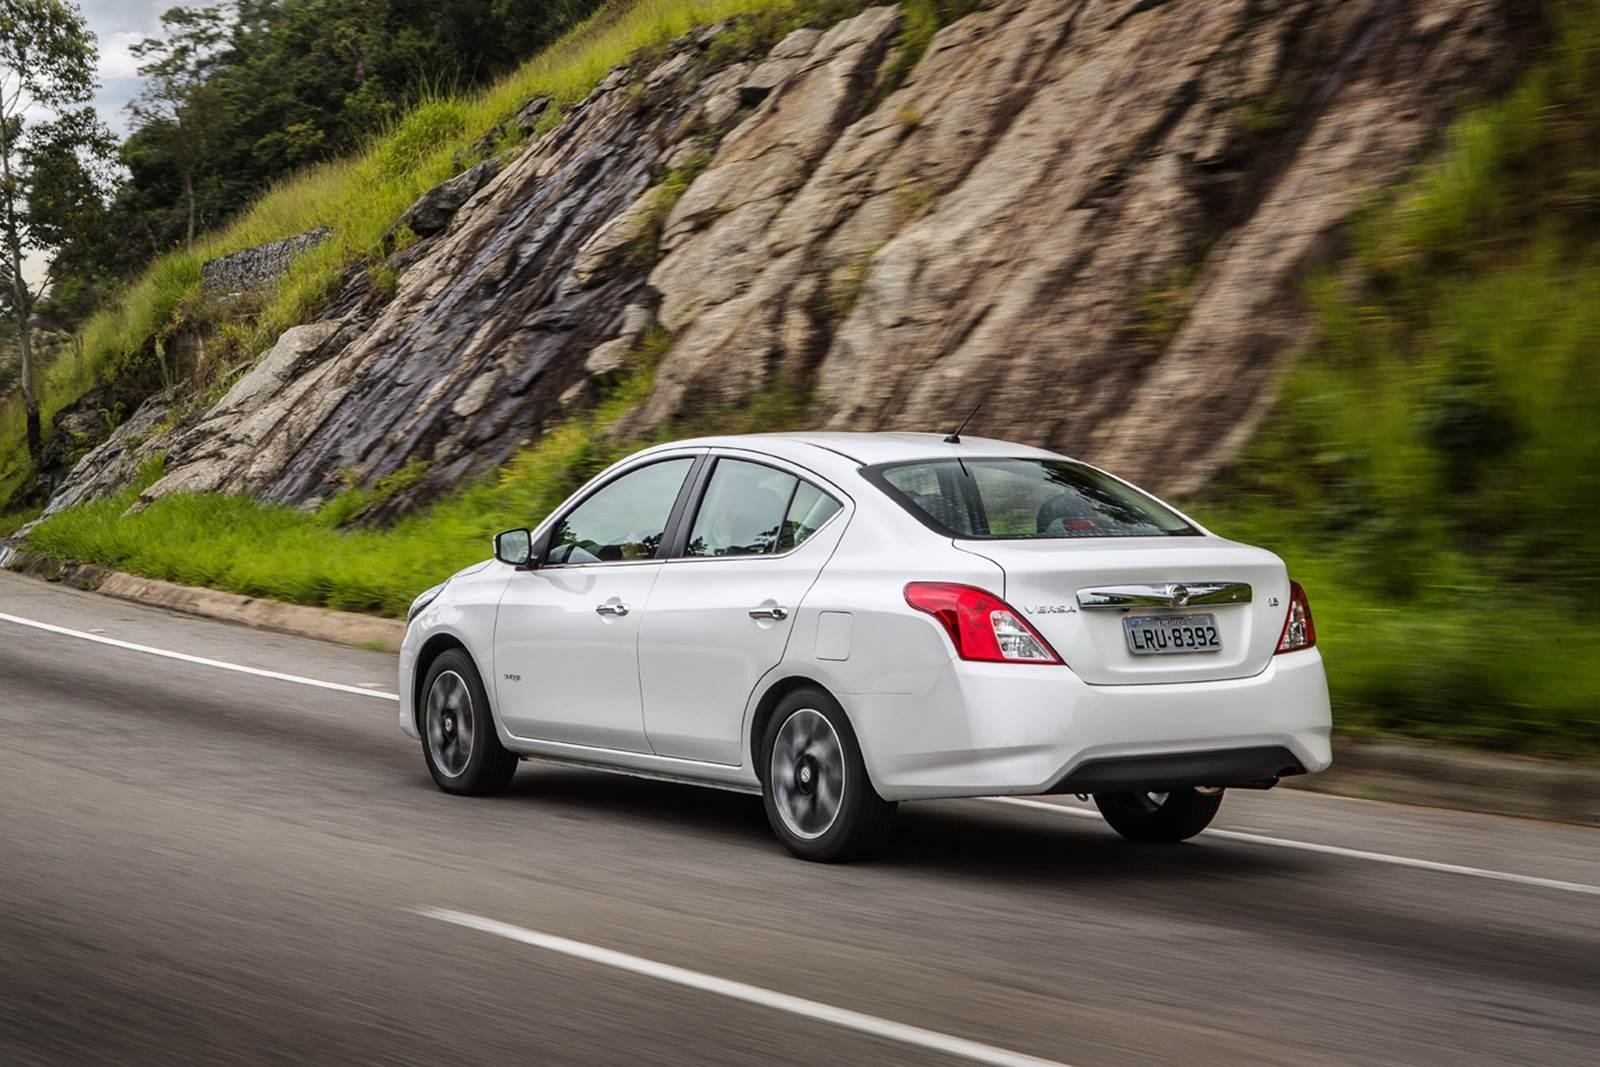 Novo Nissan Versa 2016 1.6 Unique - topo de linha